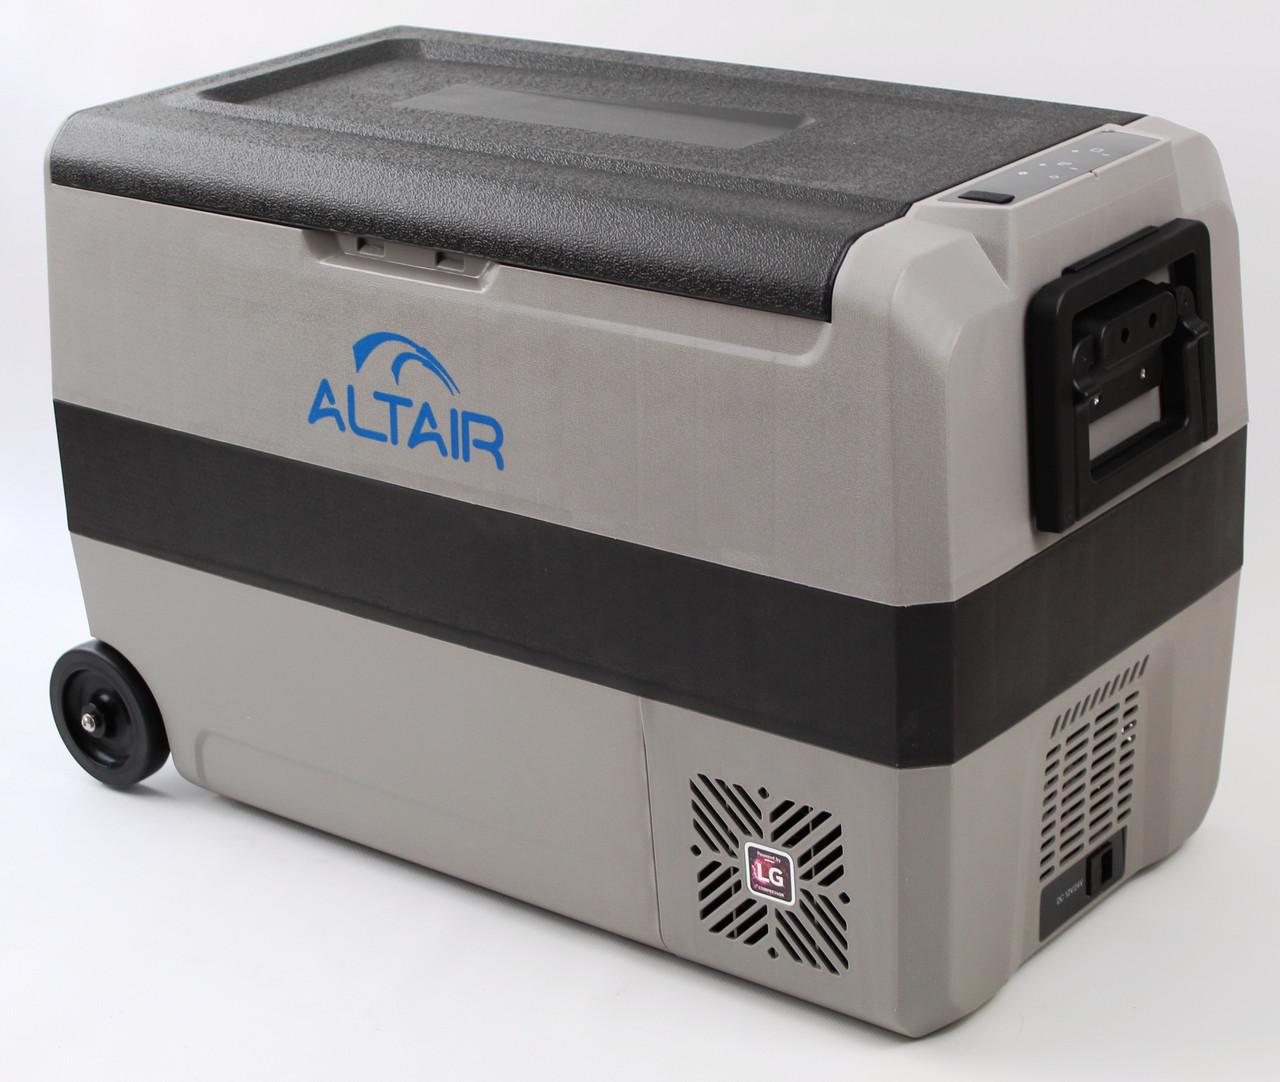 Компрессорный автохолодильник Altair LGТ50 (50 литров). До -20 °С. 12/24/220V